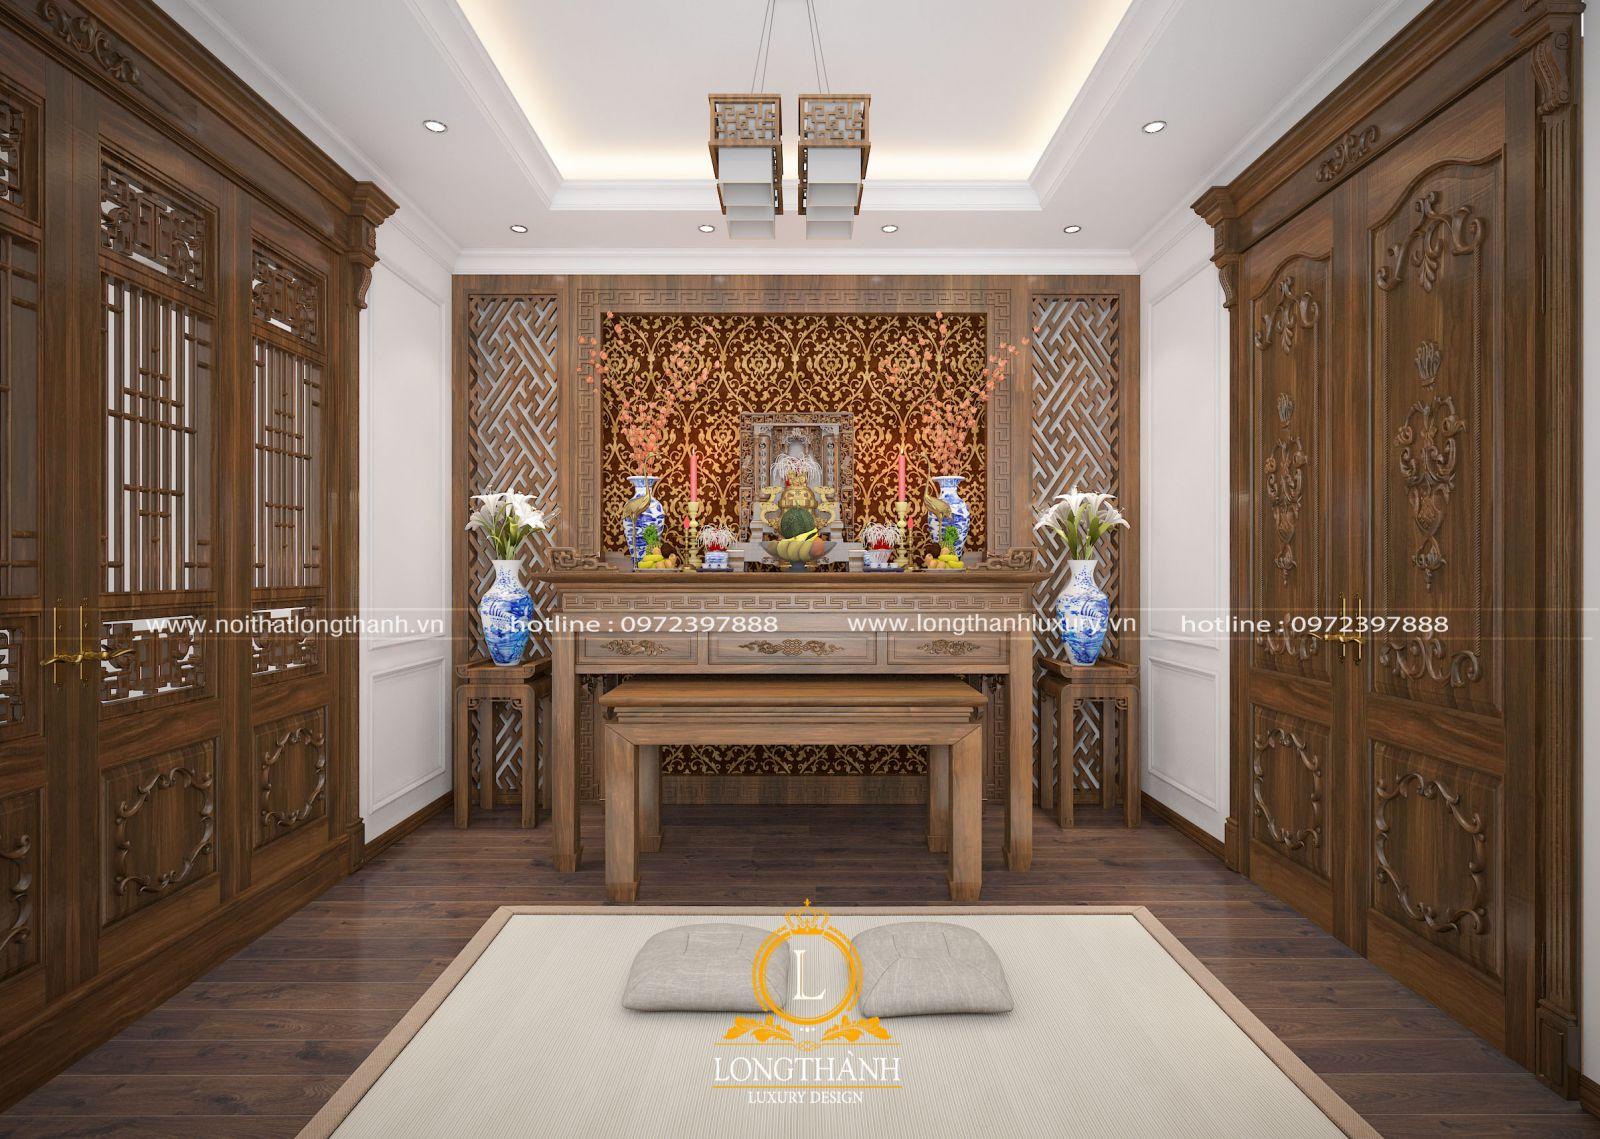 Mẫu bàn thờ đẹp nhất cho nhà chung cư năm 2021